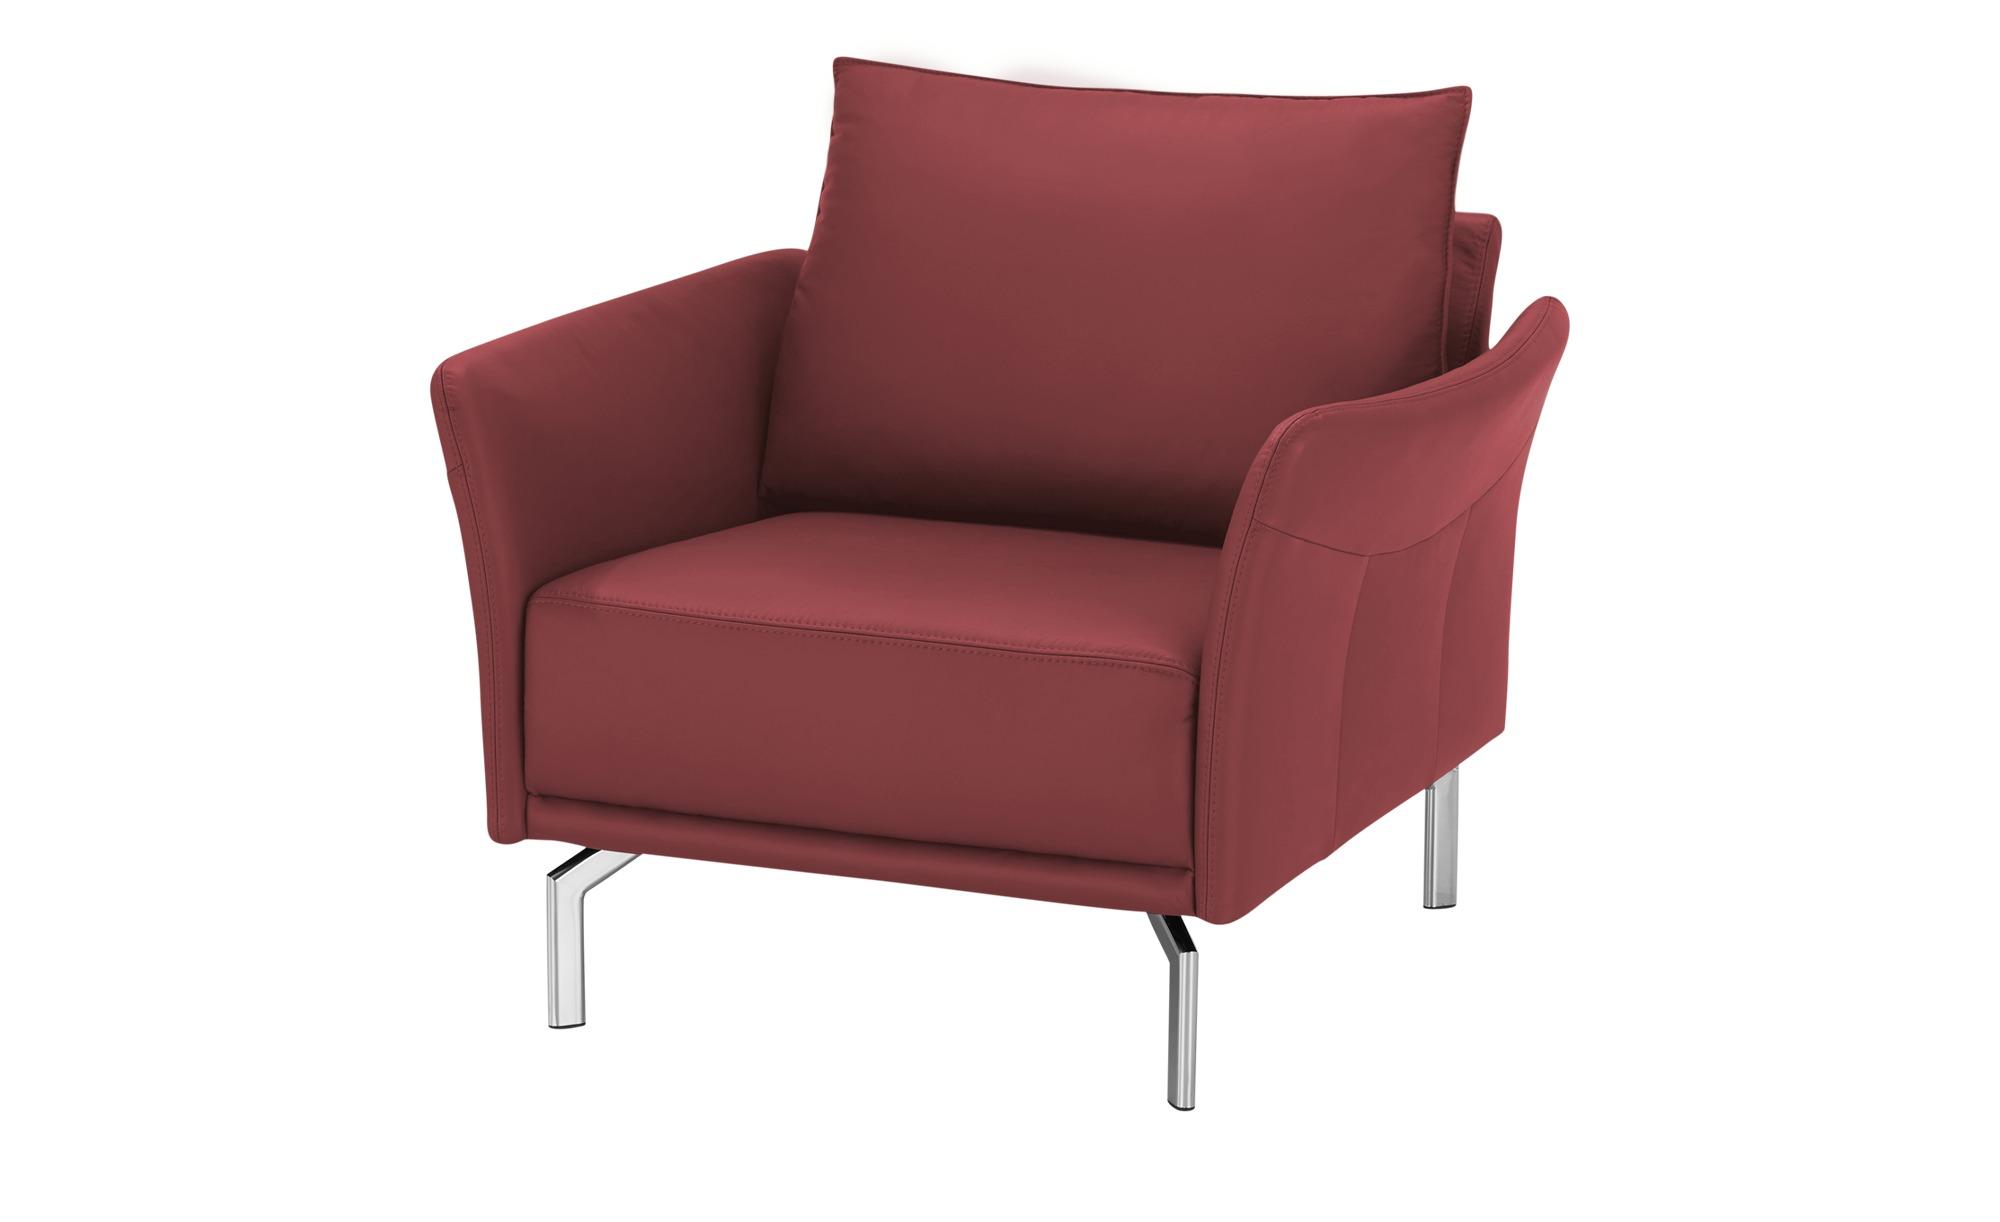 SOHO Sessel  Yamila ¦ rot ¦ Maße (cm): B: 102 H: 90 T: 81 Polstermöbel > Sessel > Ledersessel - Höffner